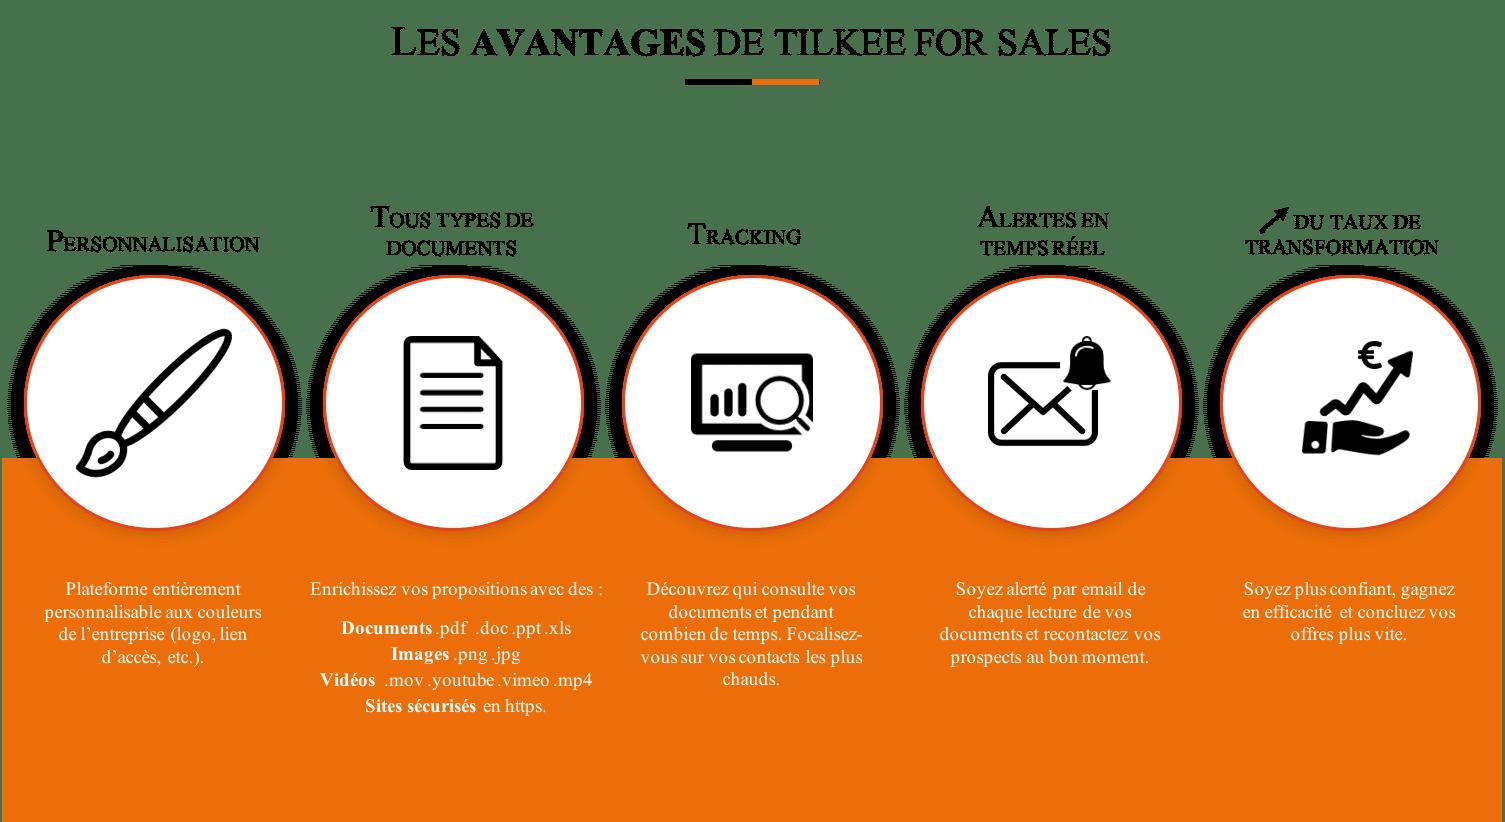 Avantages de Tilkee for Sales